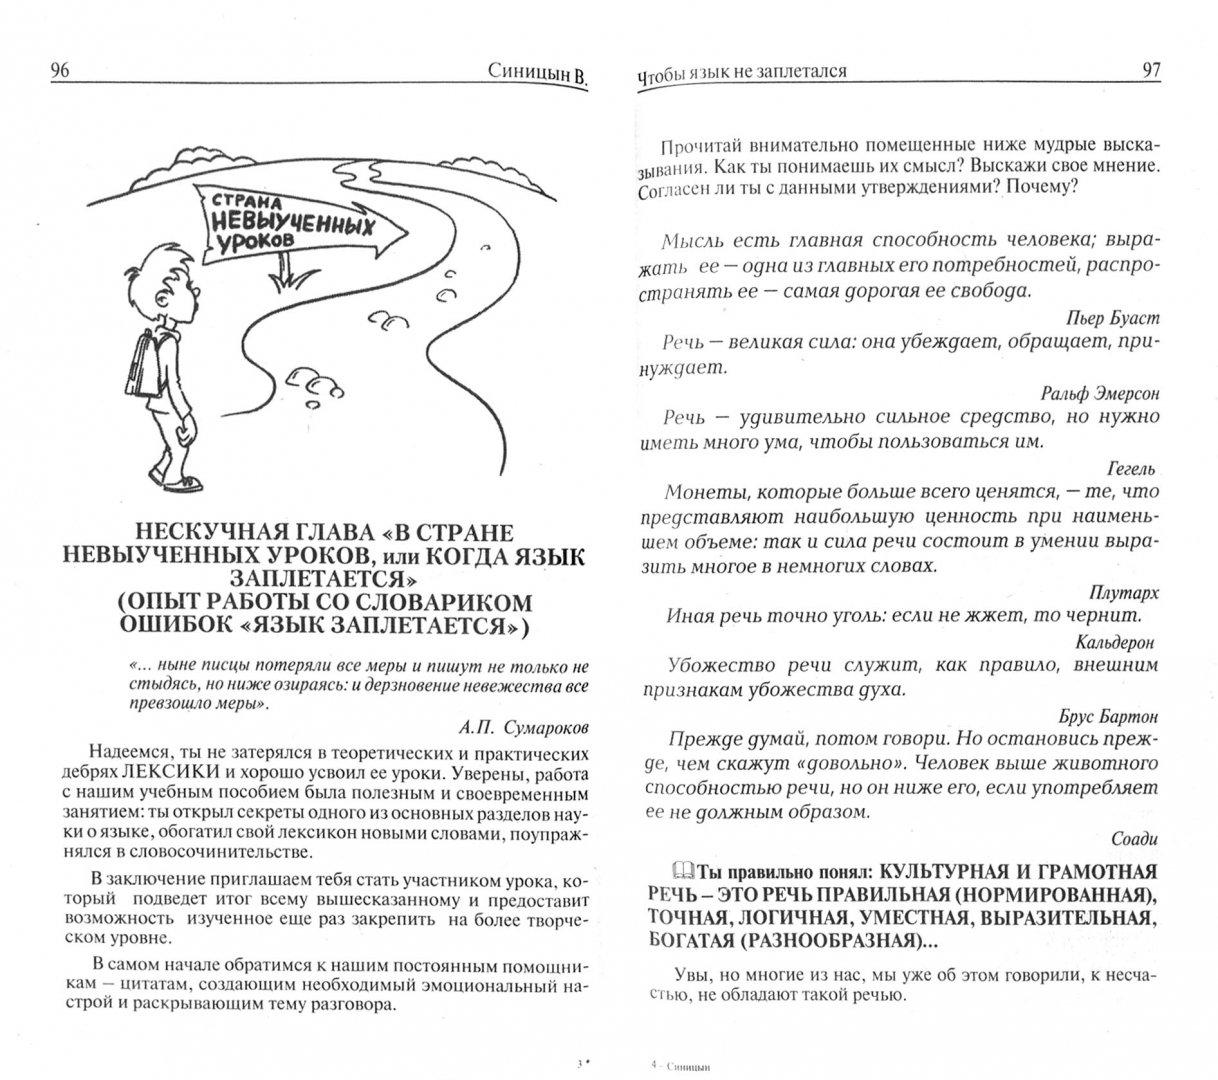 Иллюстрация 1 из 11 для Чтобы язык не заплетался - Вячеслав Синицин | Лабиринт - книги. Источник: Лабиринт